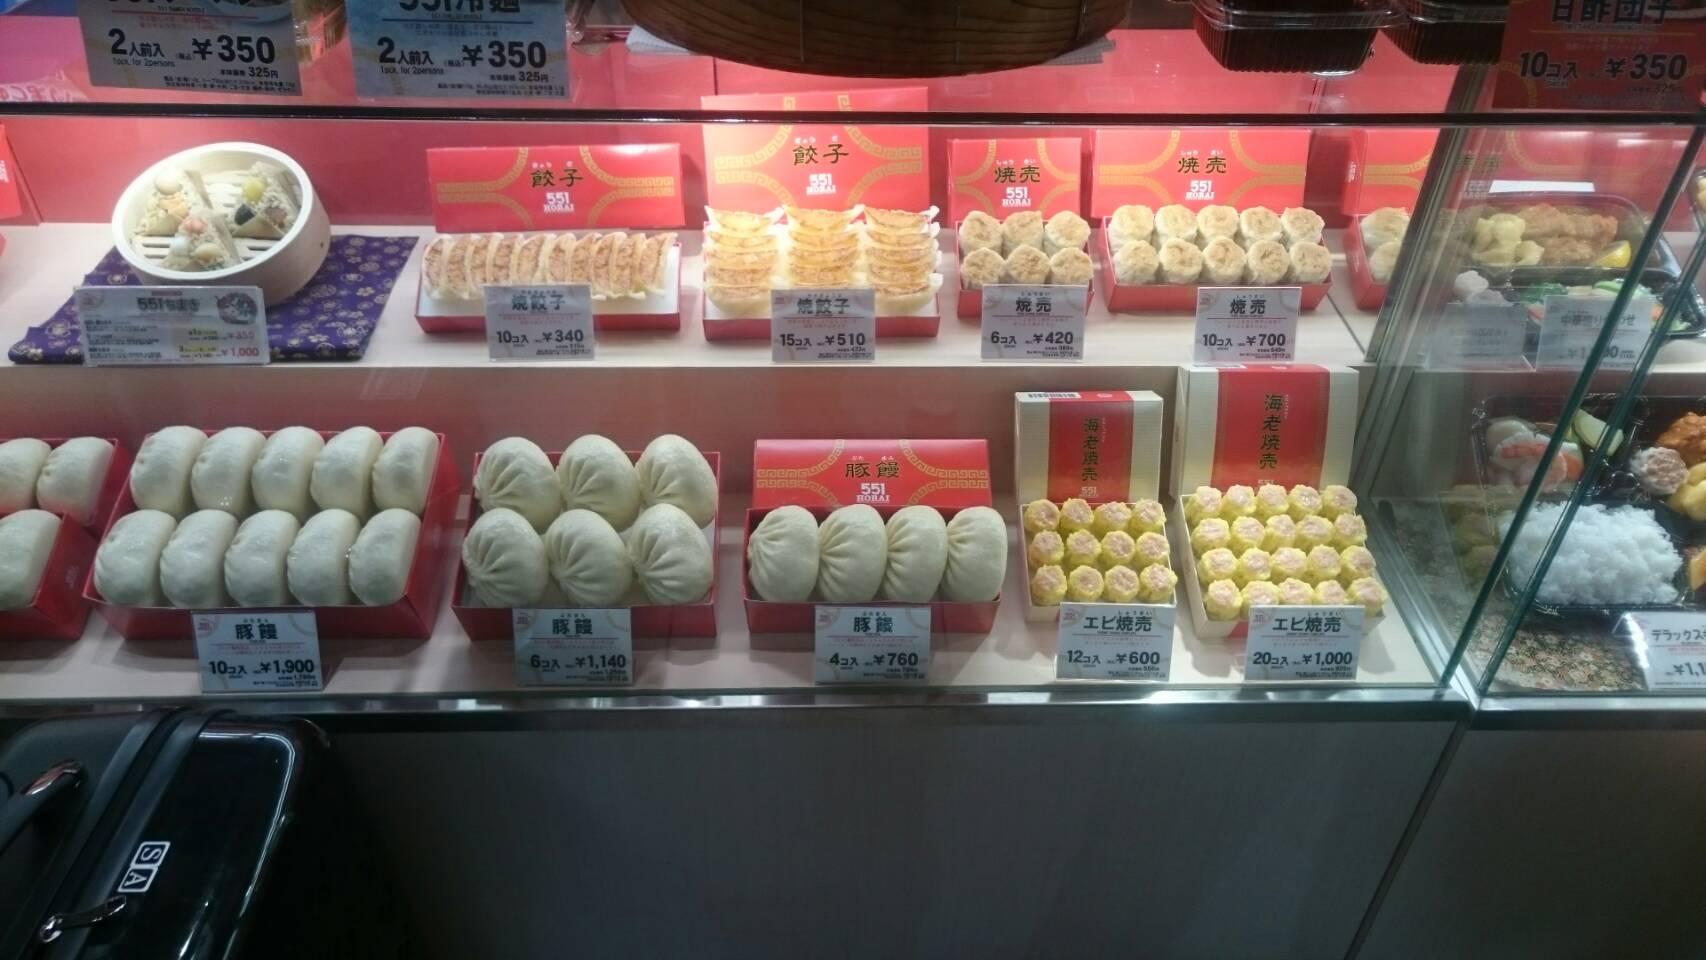 551蓬莱 京都伊勢丹店(京都市/豚まん)